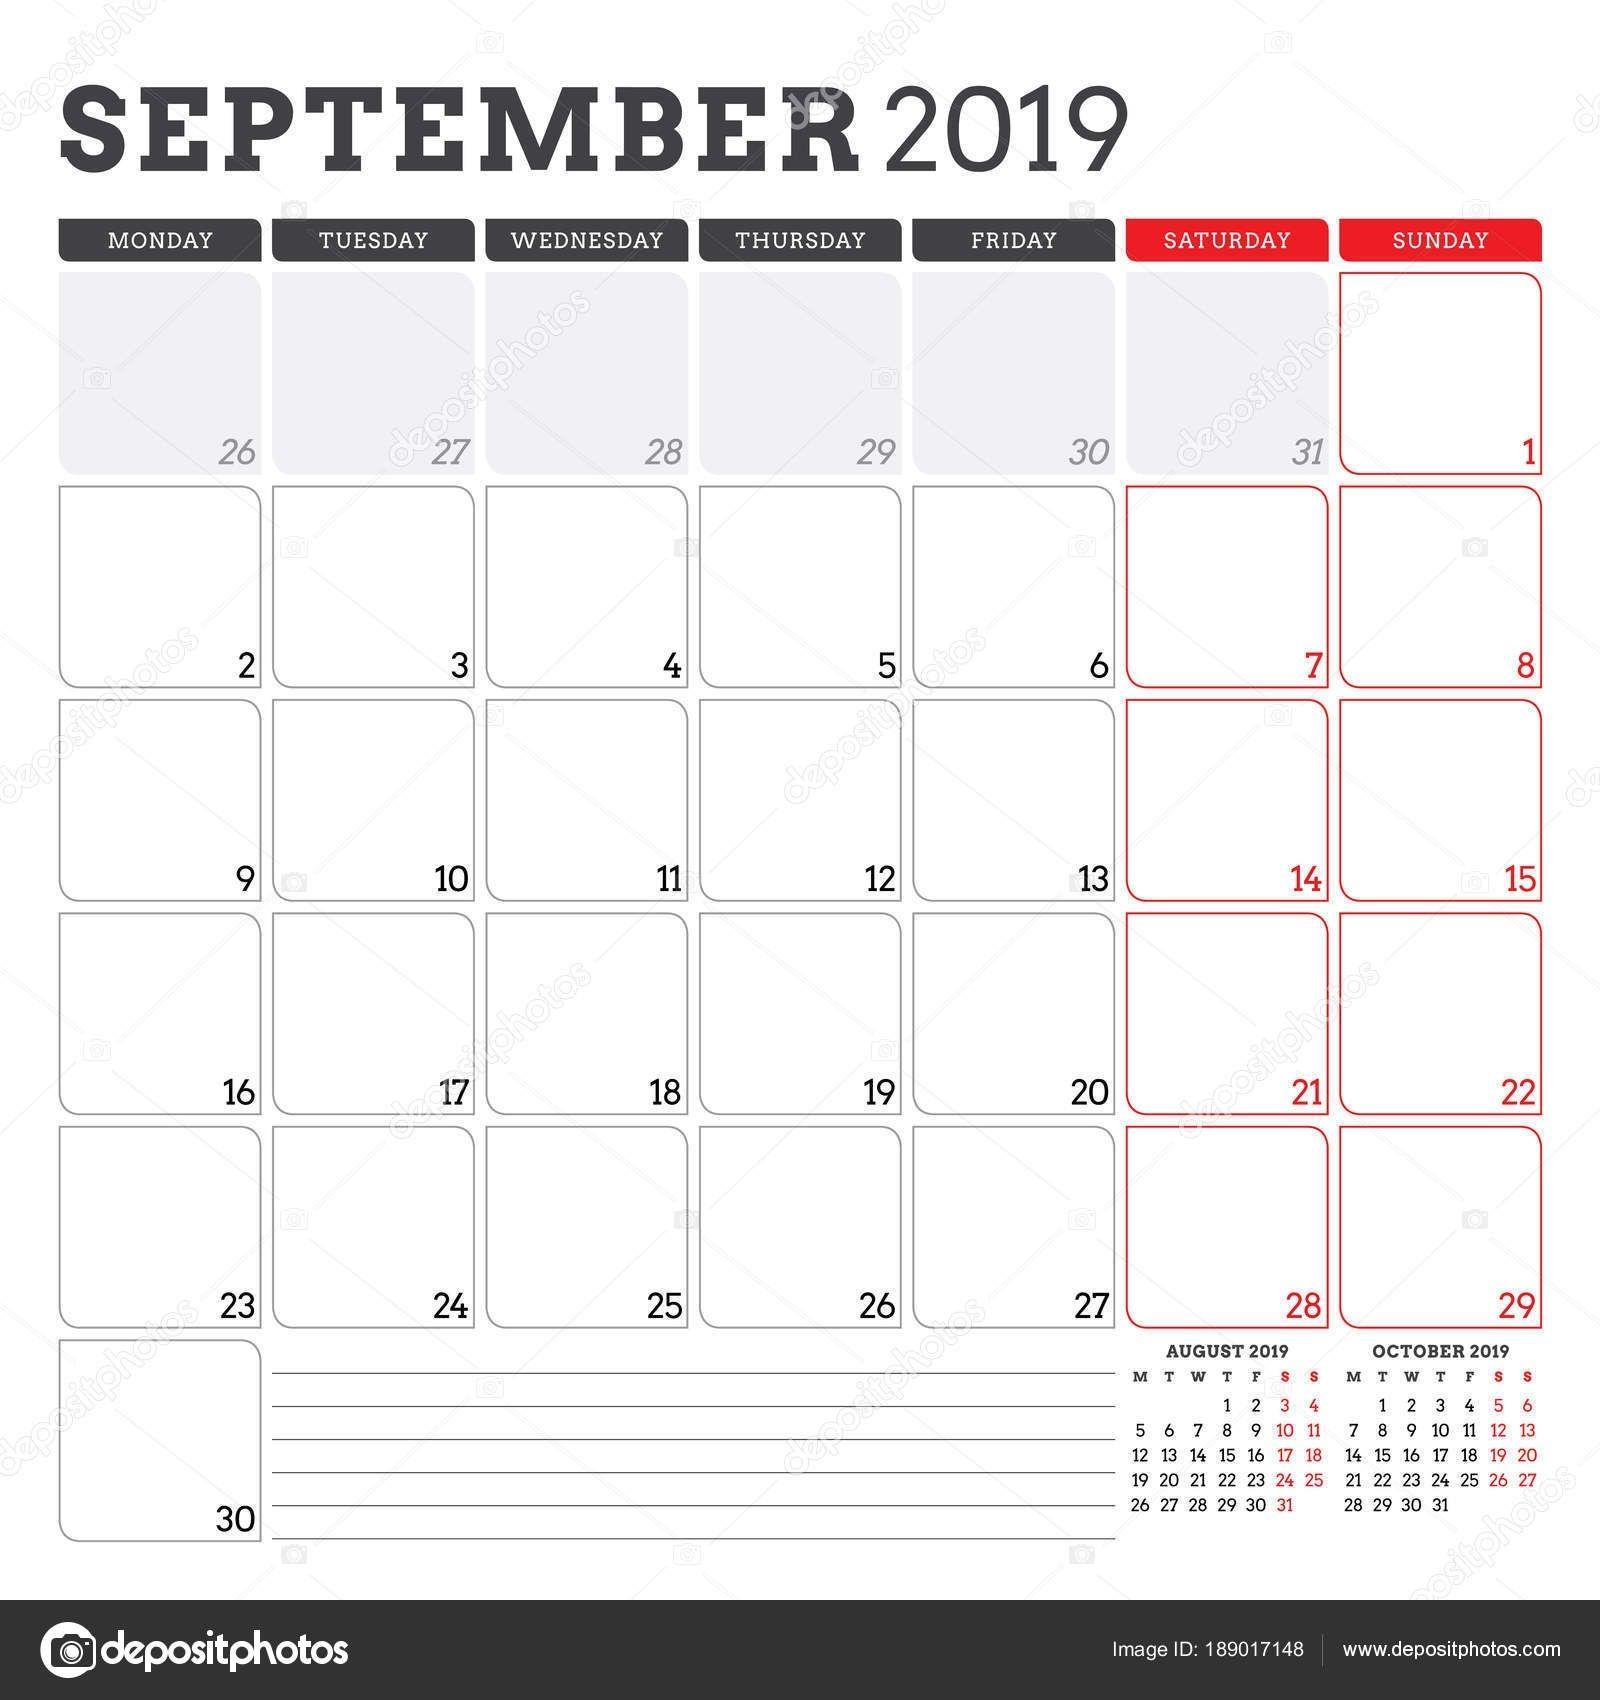 Calendar Planner For September 2019 Week Starts On Monday Dowload Free Calendar Template Calendar Template Yearly Calendar Template